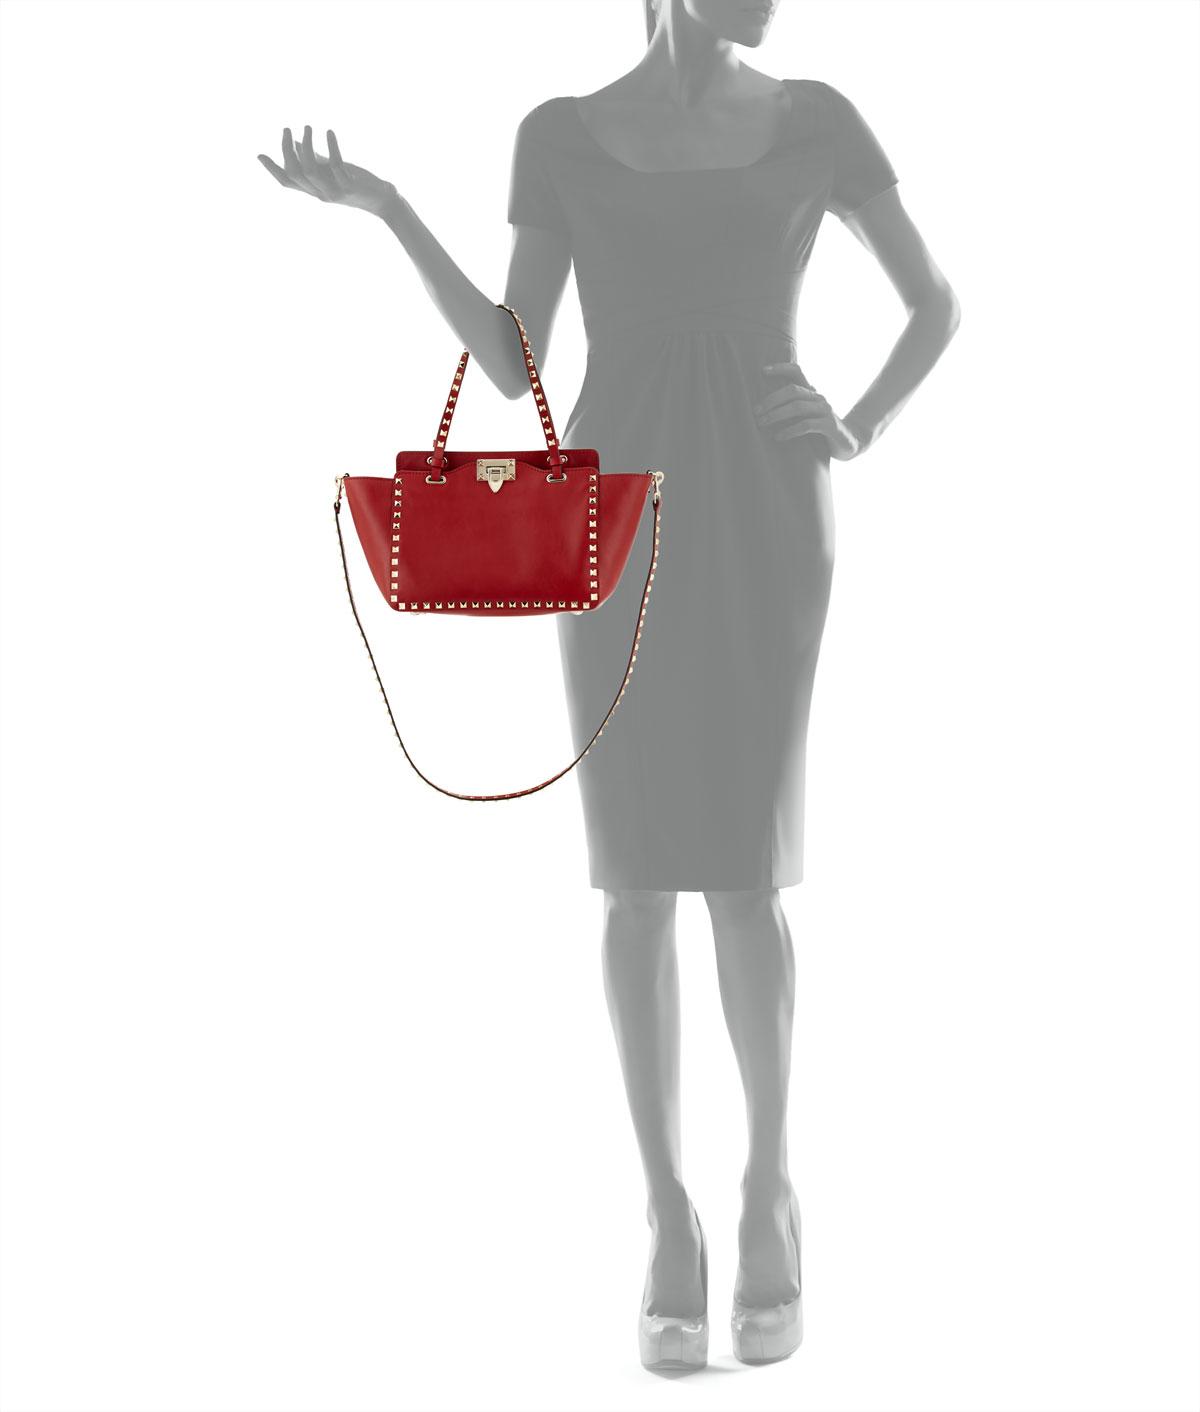 Lyst - Valentino Rockstud Mini Tote Bag in Red 70e3fe13dc955